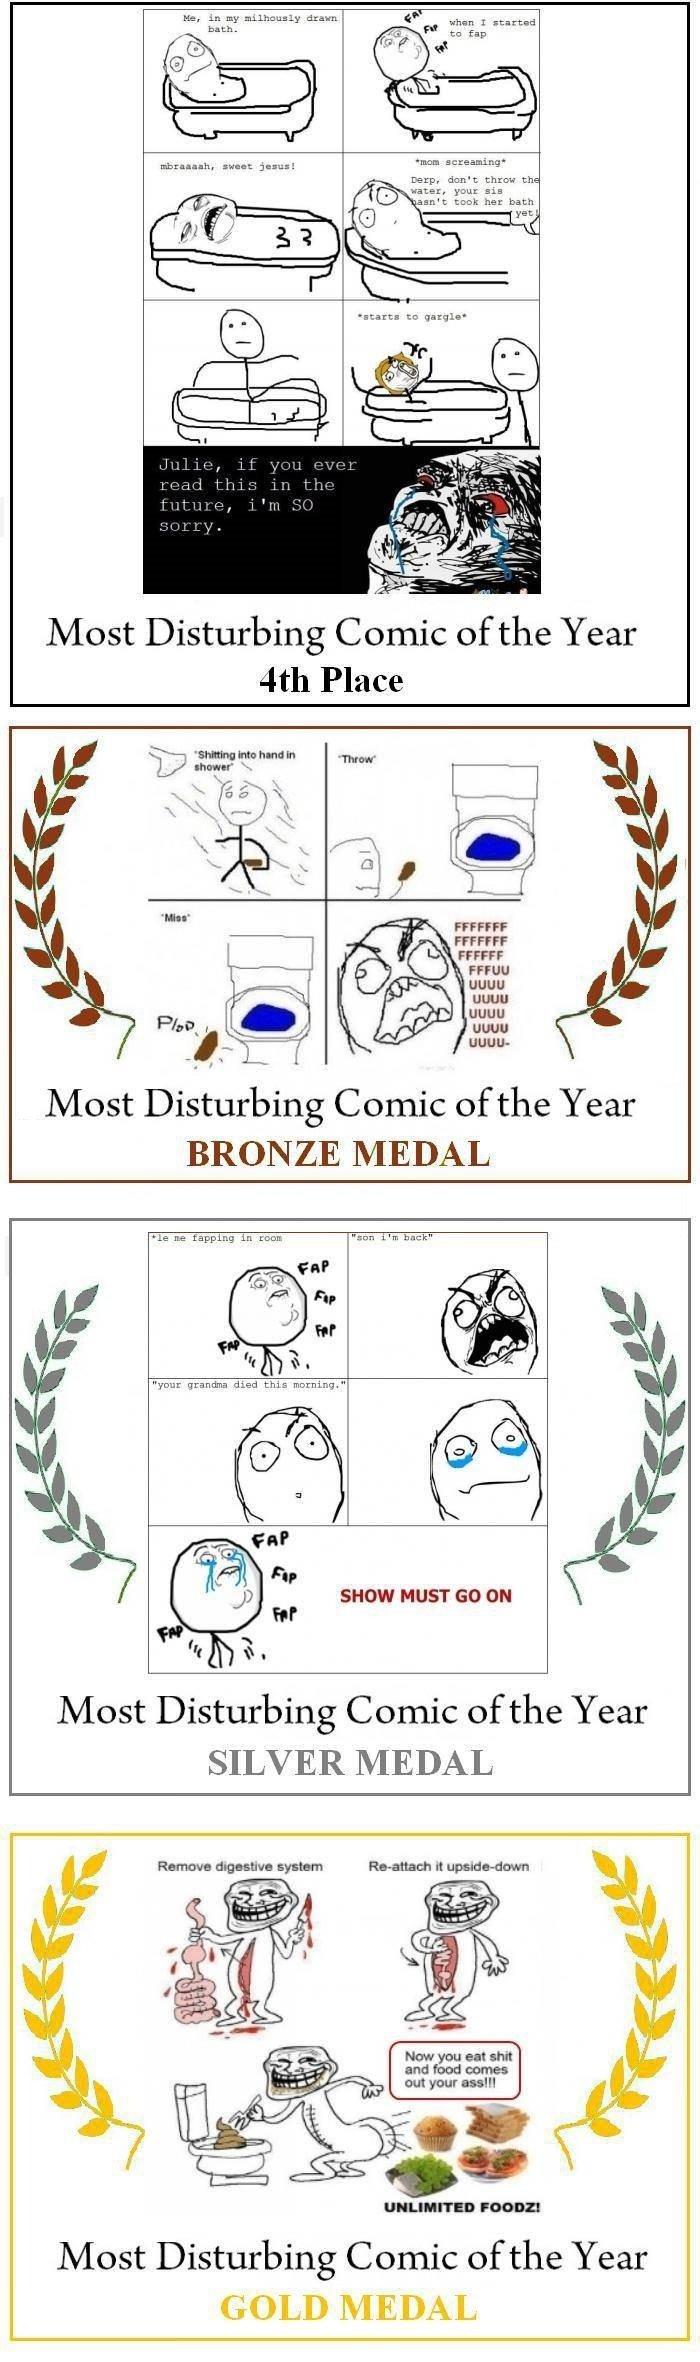 Disturbing comics. Not OC. 1: paah. Most Disturbing Comic of the Year BRONZE MEDAL Most Disturbing Comic of the Year SILVER MEDAL Most Disturbing Comic of the Y Disturbing comics Not OC 1: paah Most Comic of the Year BRONZE MEDAL SILVER Y